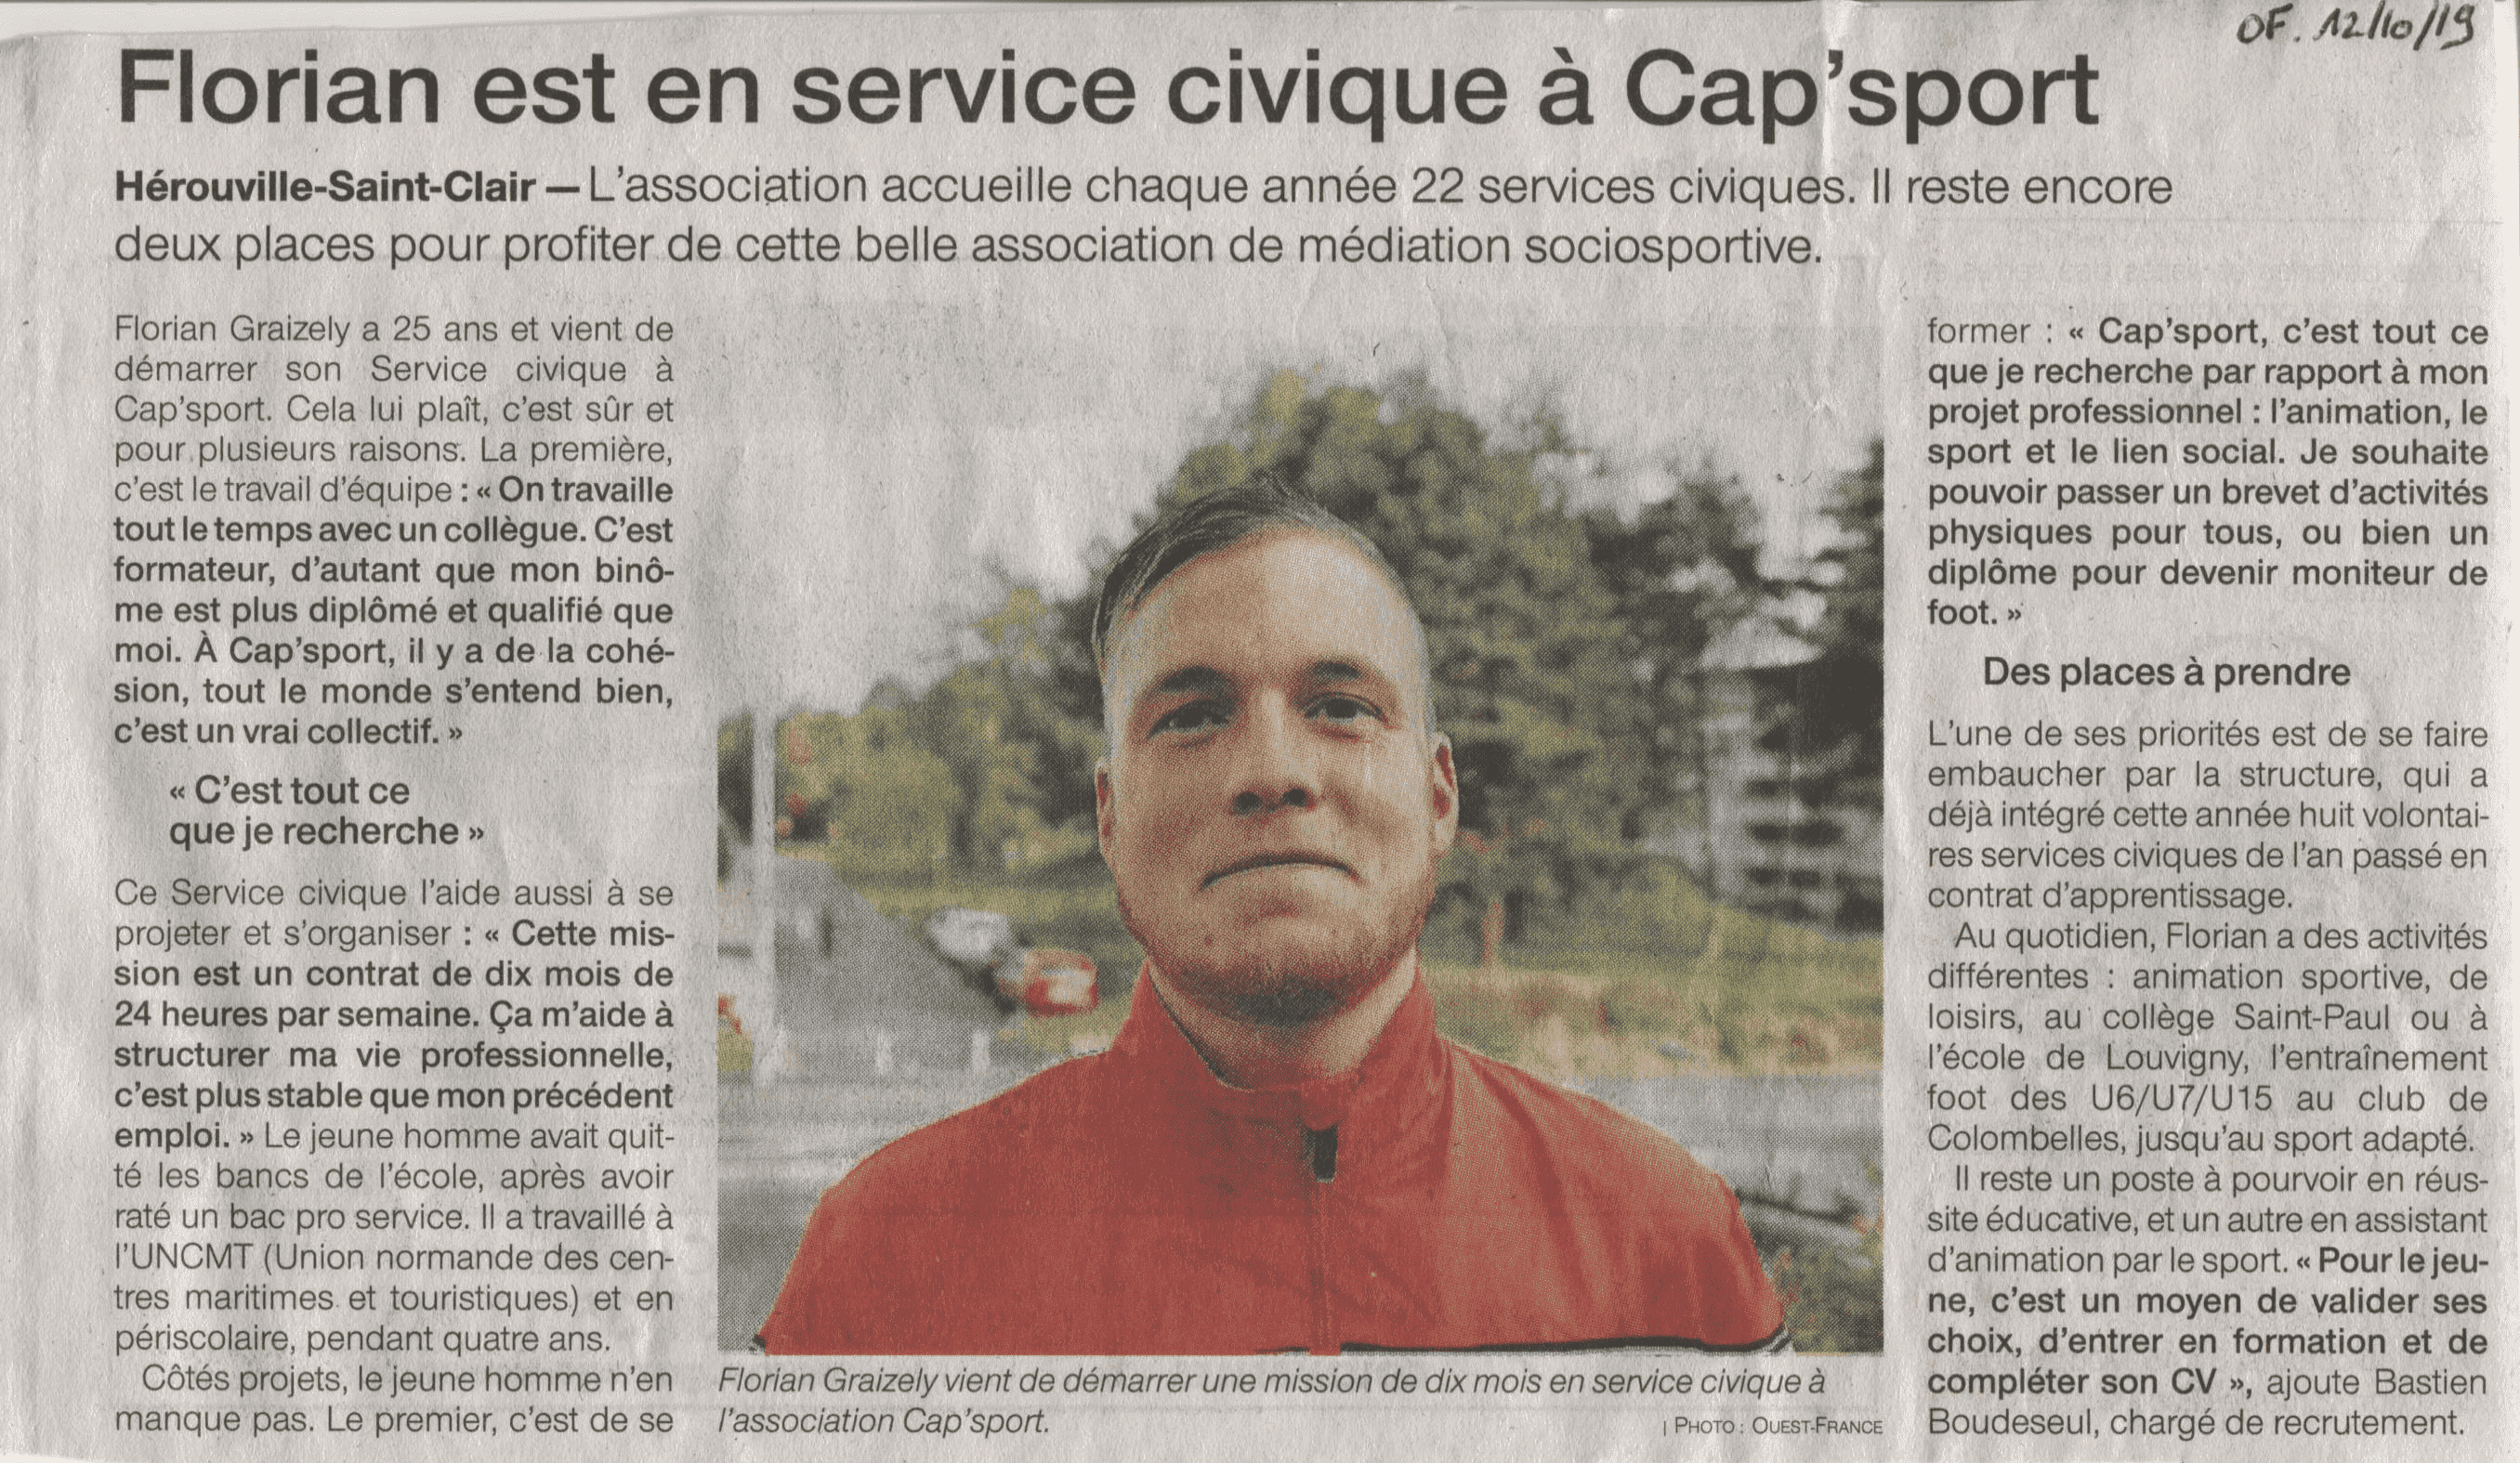 Florian est en service civique à CAP'Sport